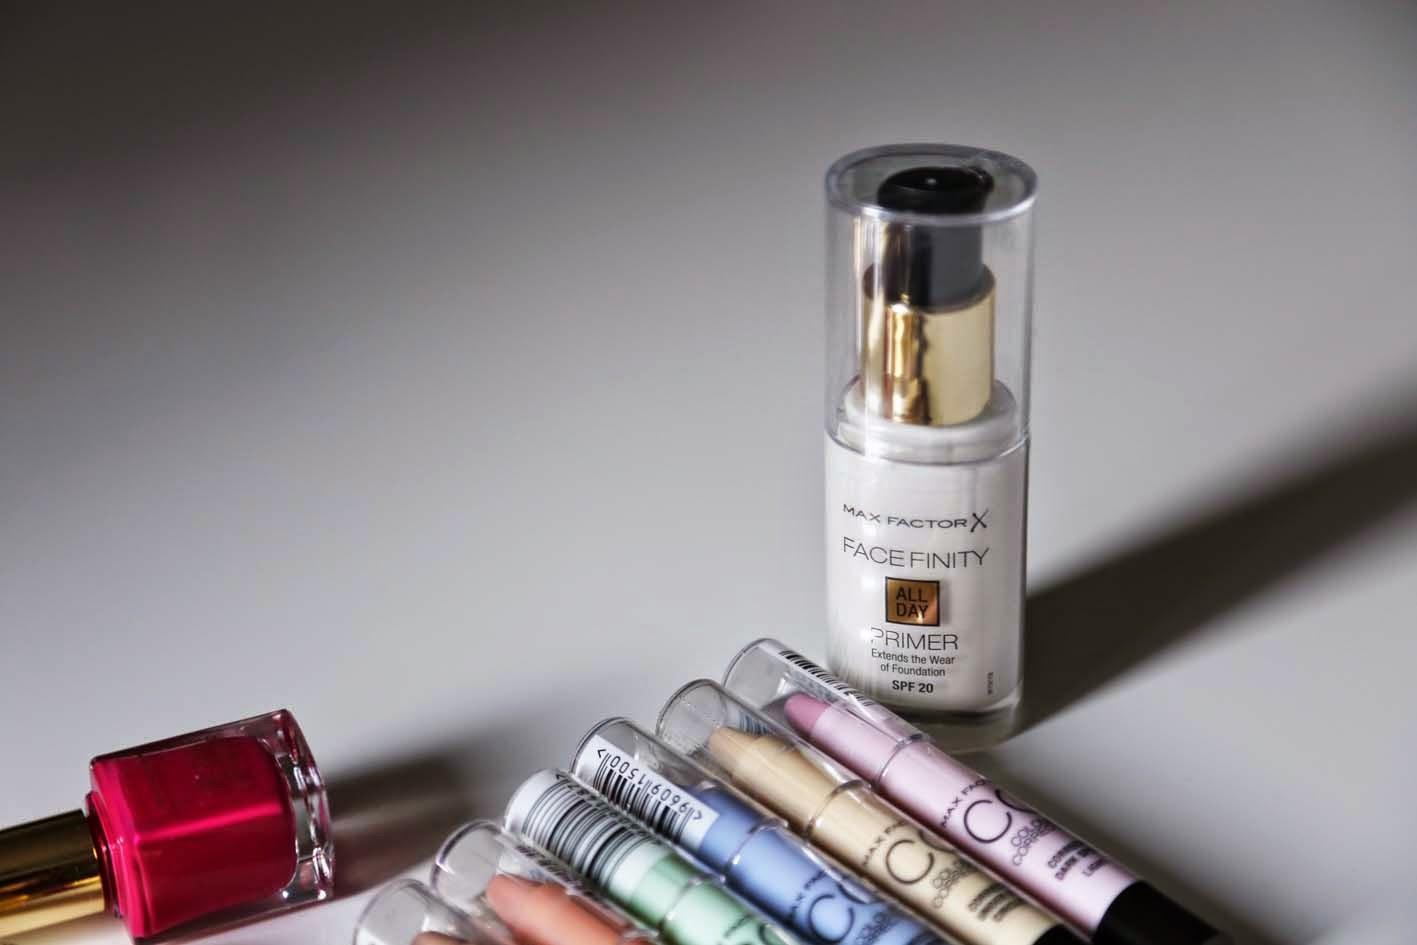 Hasta-y-embajador la crema de las manchas de pigmento de 50 ml